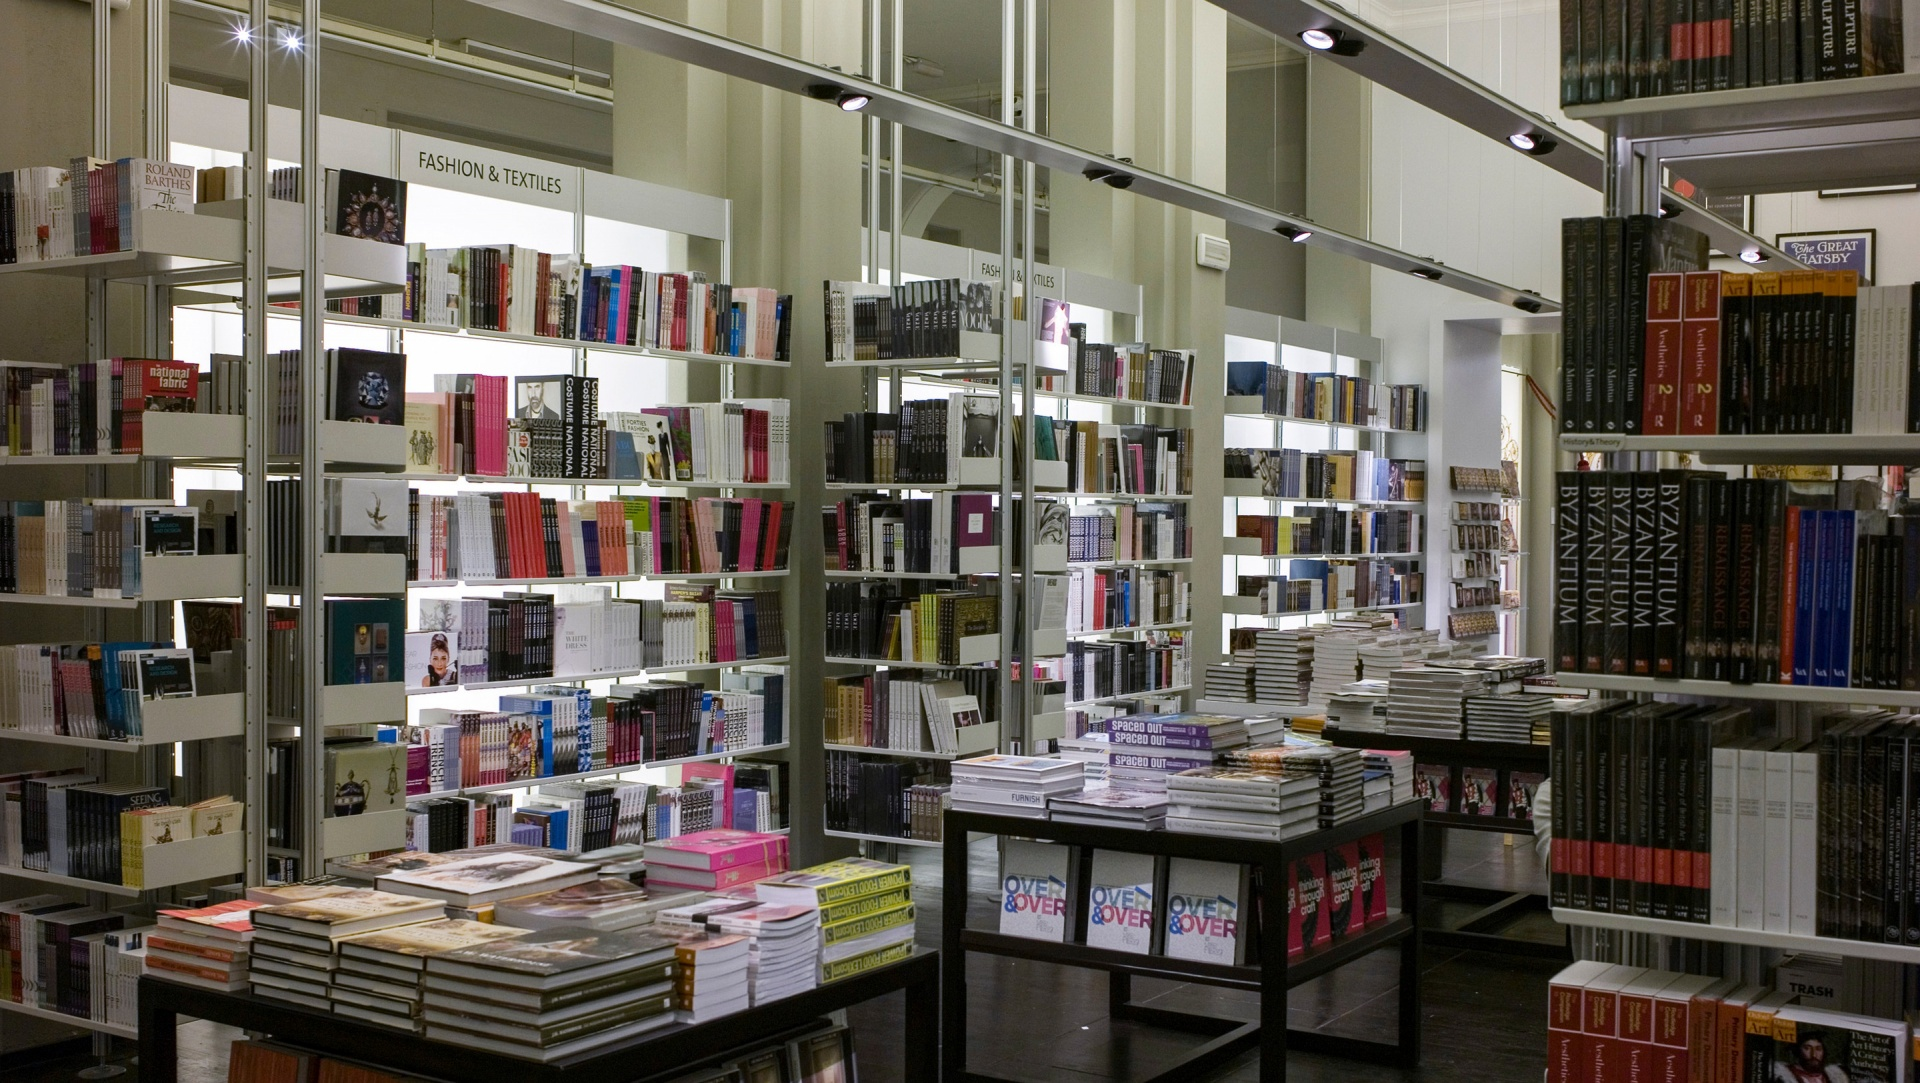 Die Bücher werden in zwischen Boden und Decke verspannten Regalen vor Glaswänden aufbewahrt.